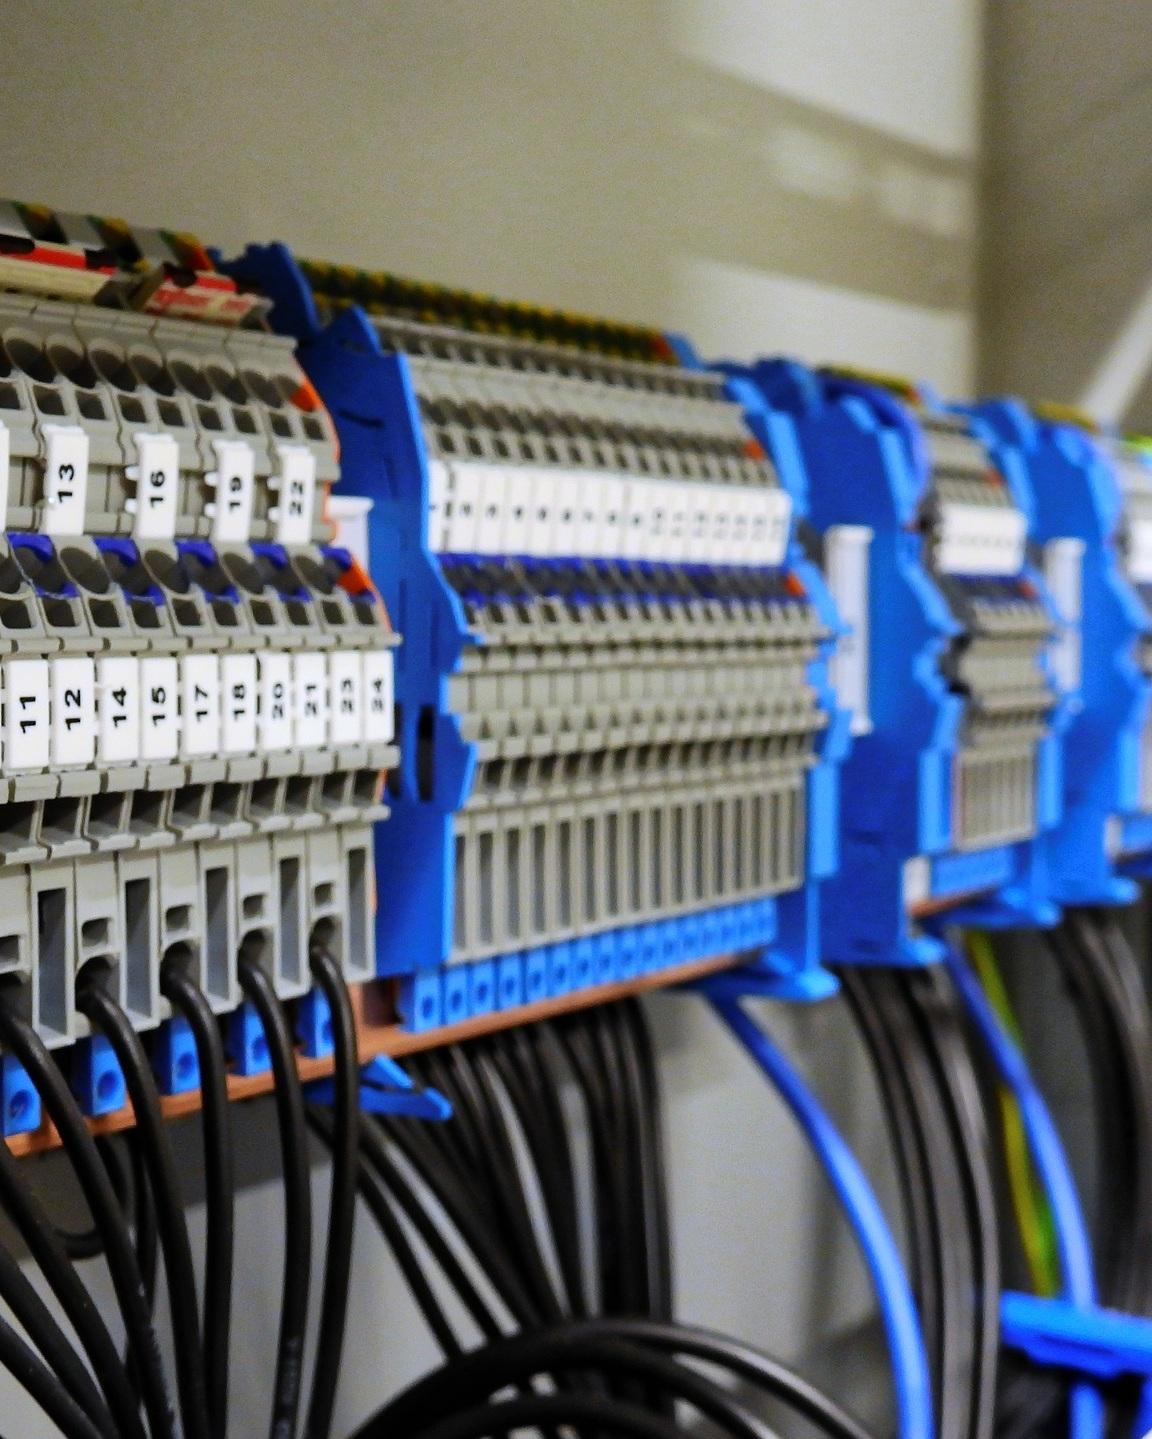 Switchgear-2069759_1920%28Pixabay%29.jpg